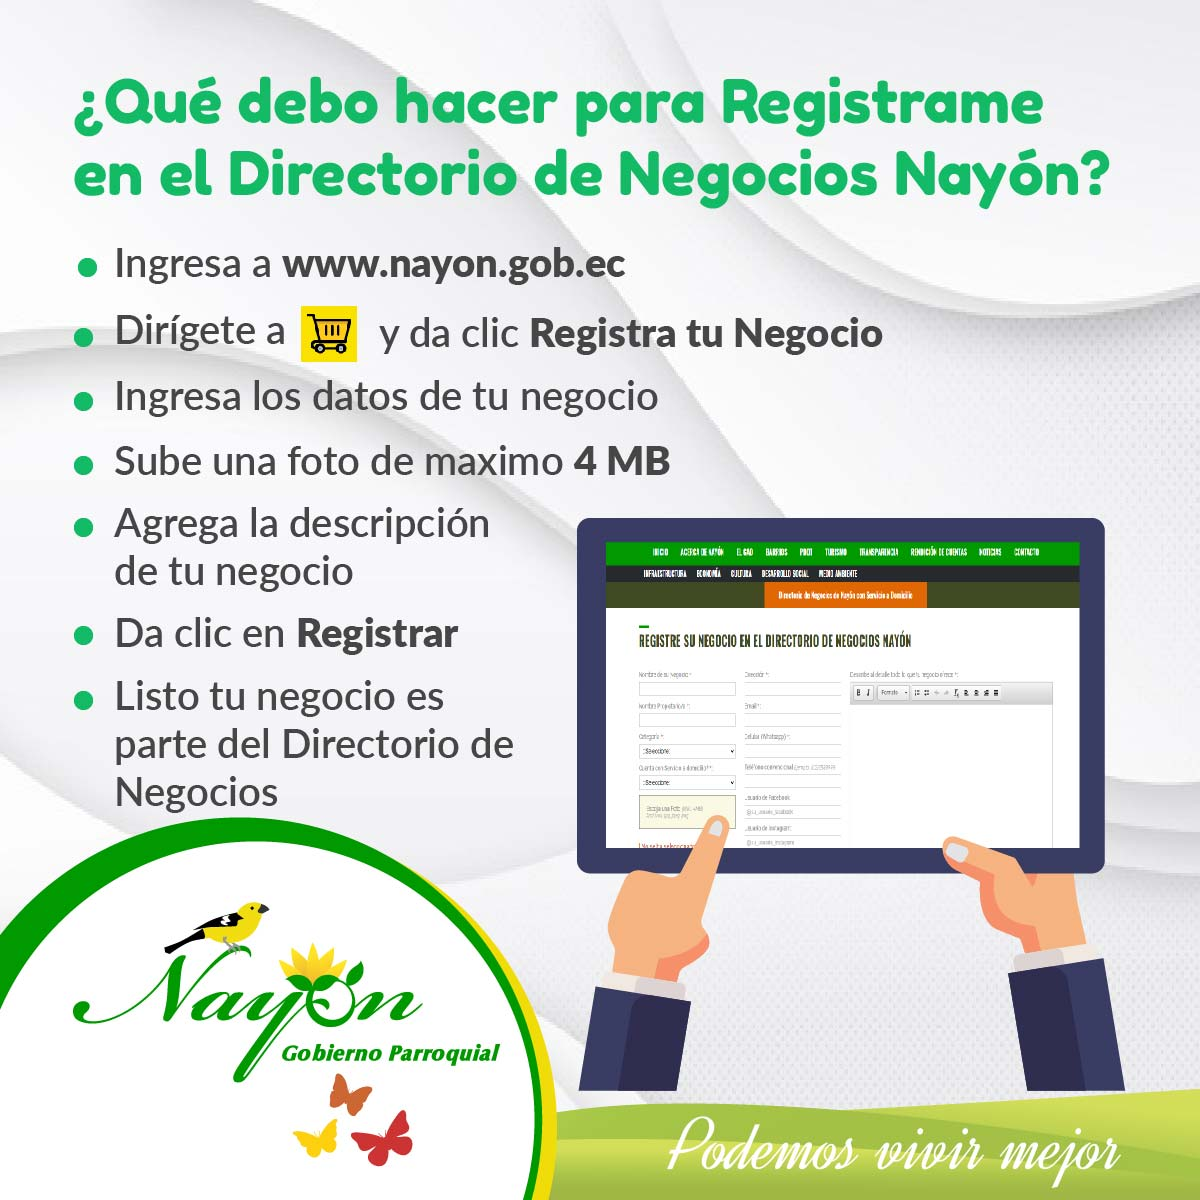 Regístrate en el Directorio de Negocios Nayón